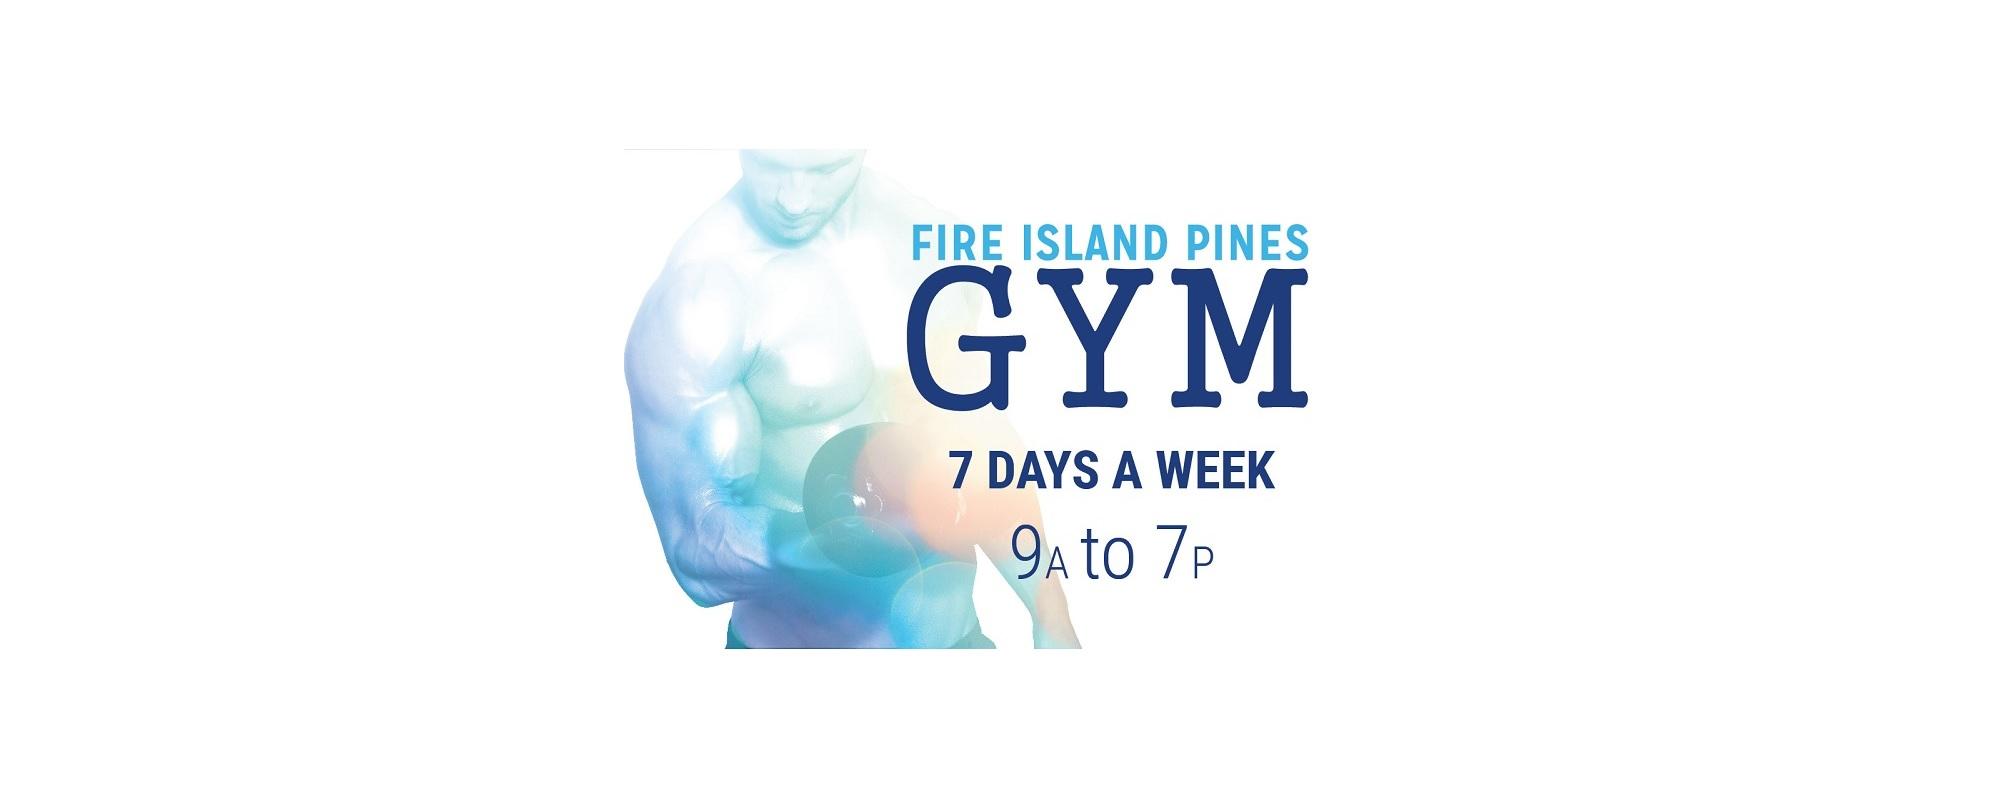 Gym-wHours-HomePageBannerMain